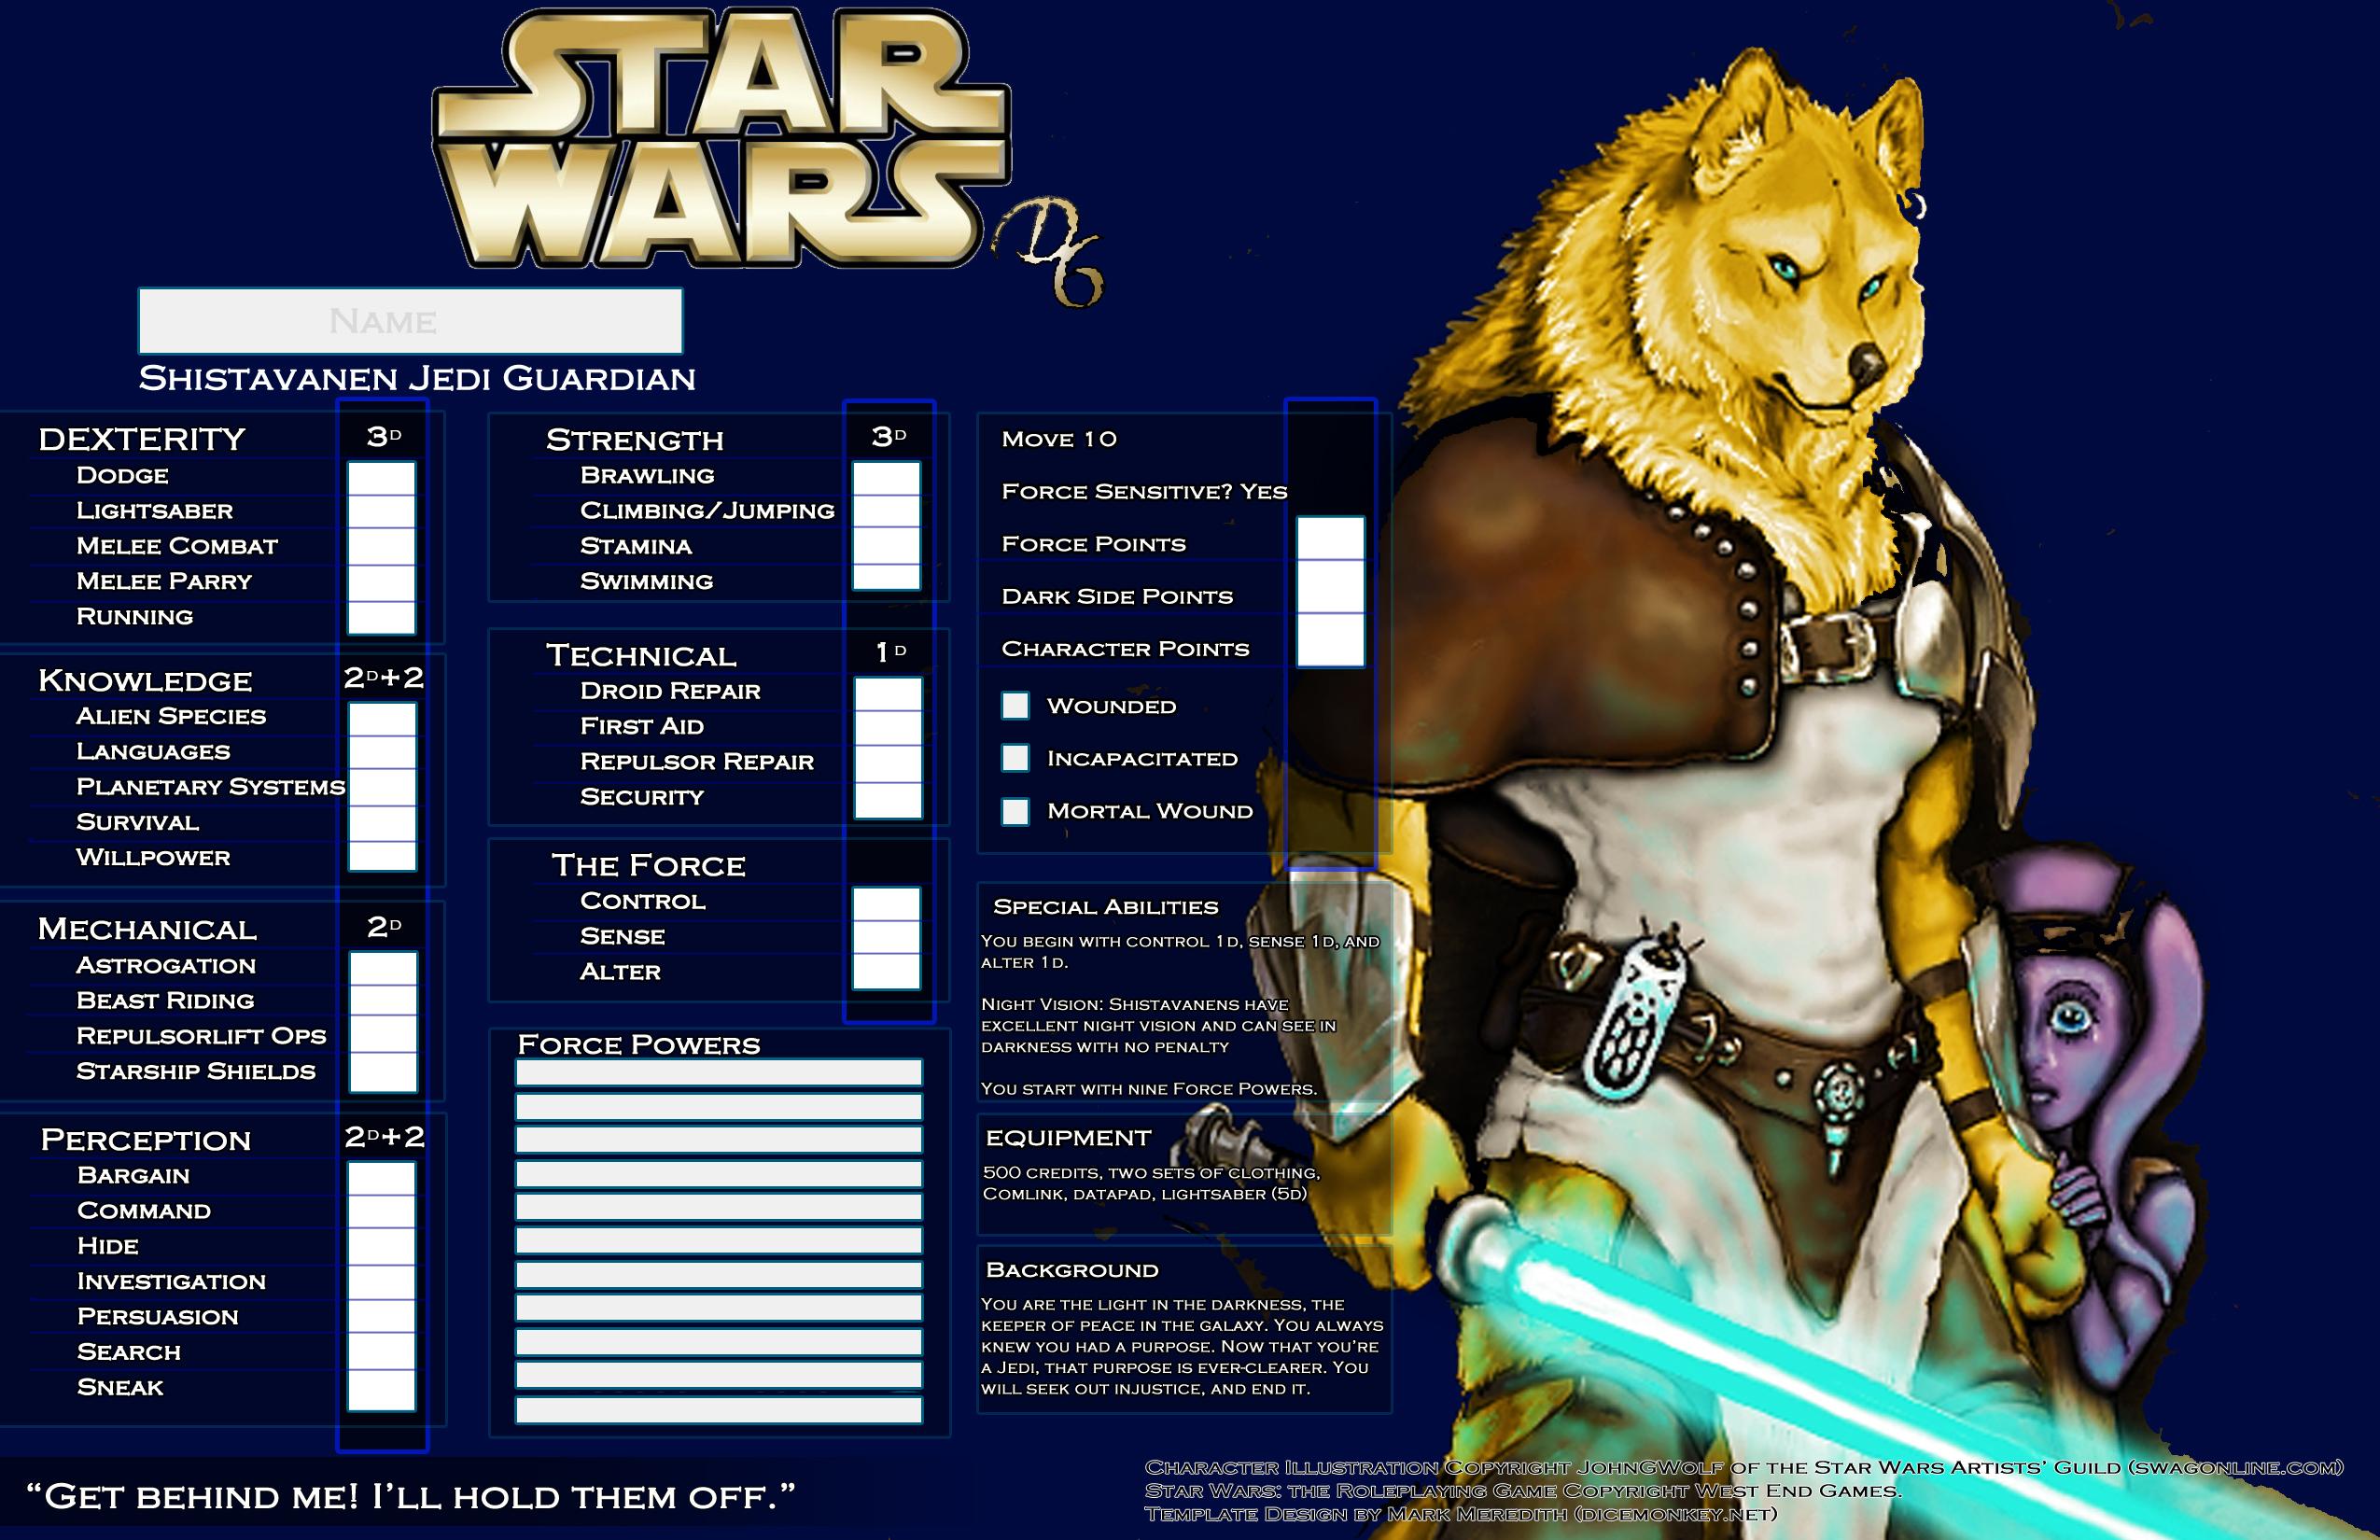 star wars d6 templates  u2013 dice monkey